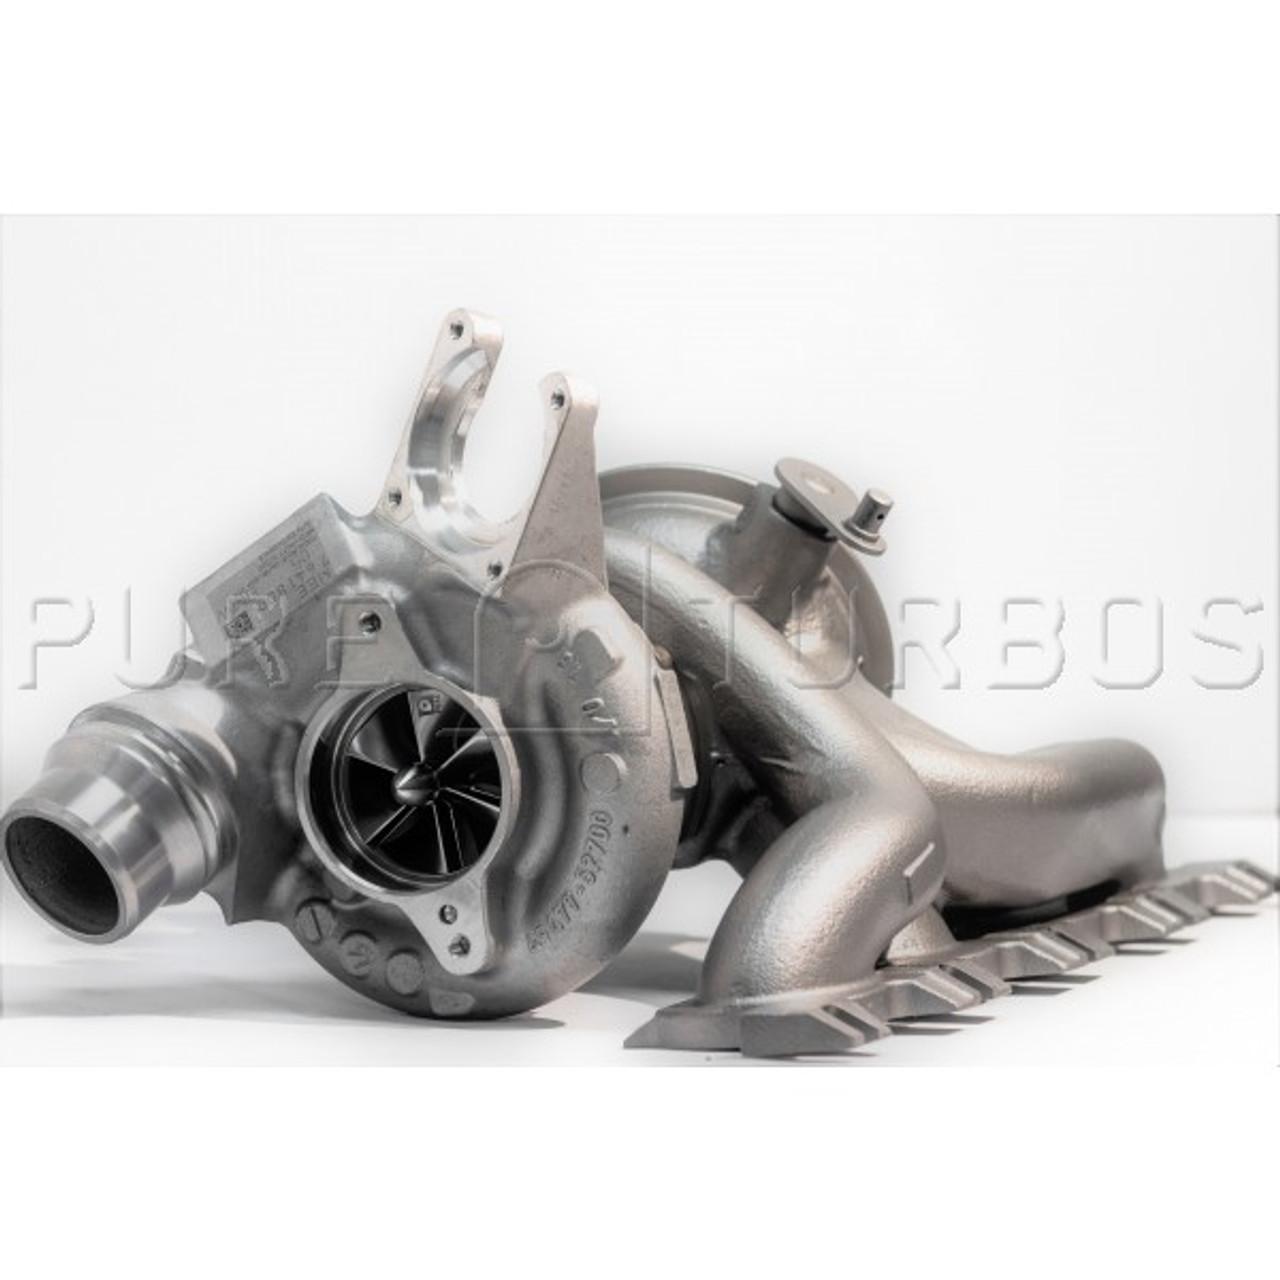 Pure Turbos BMW B48 Upgrade Turbo